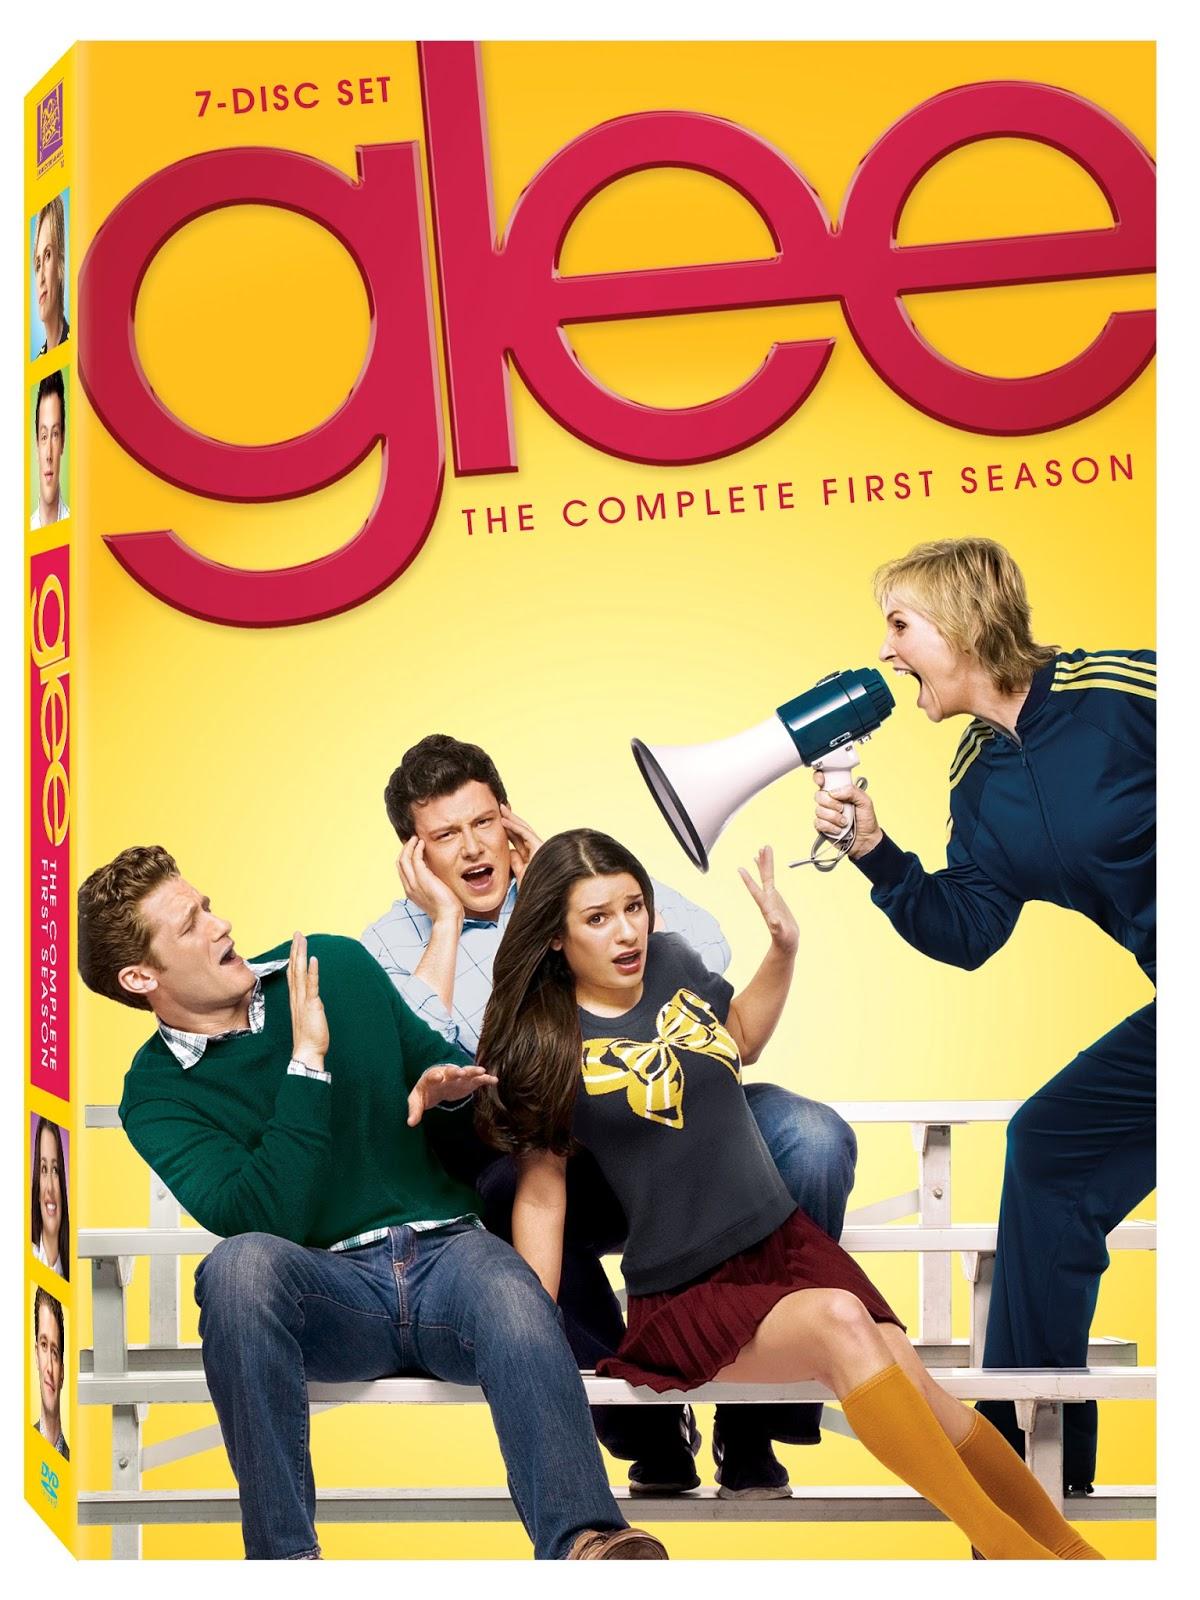 http://thetvchick.com/wp-content/uploads/2010/09/Glee-3D-Boxart-final1.jpg